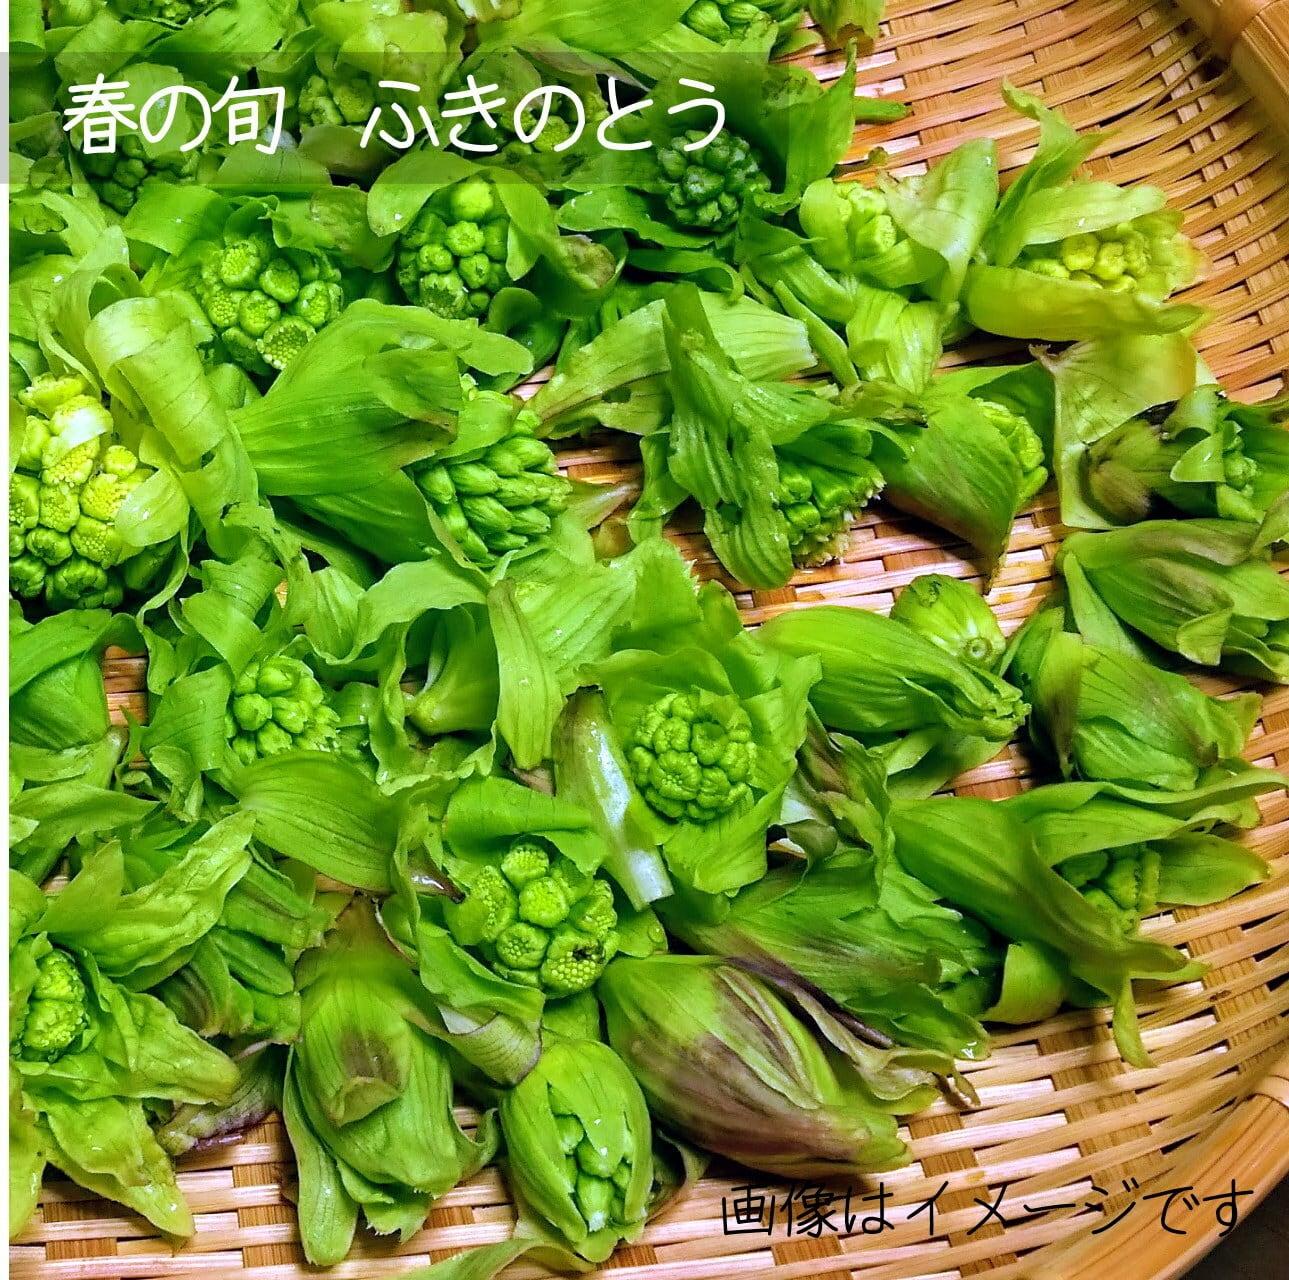 ふきのとう 約100g 4月の朝採り直売野菜 4月下旬発送予定